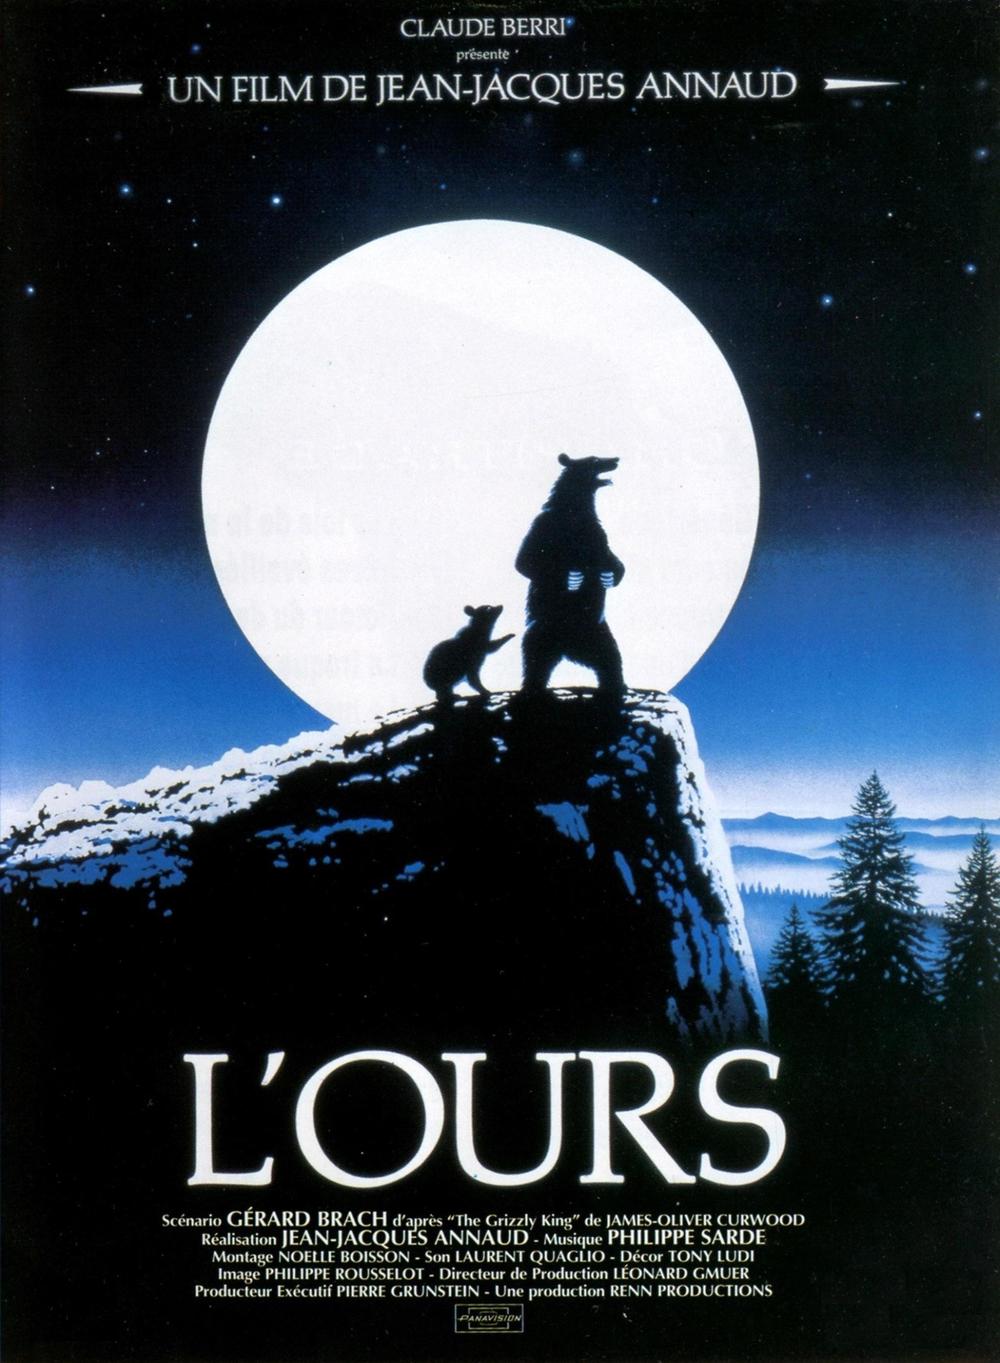 affiche du film L'ours